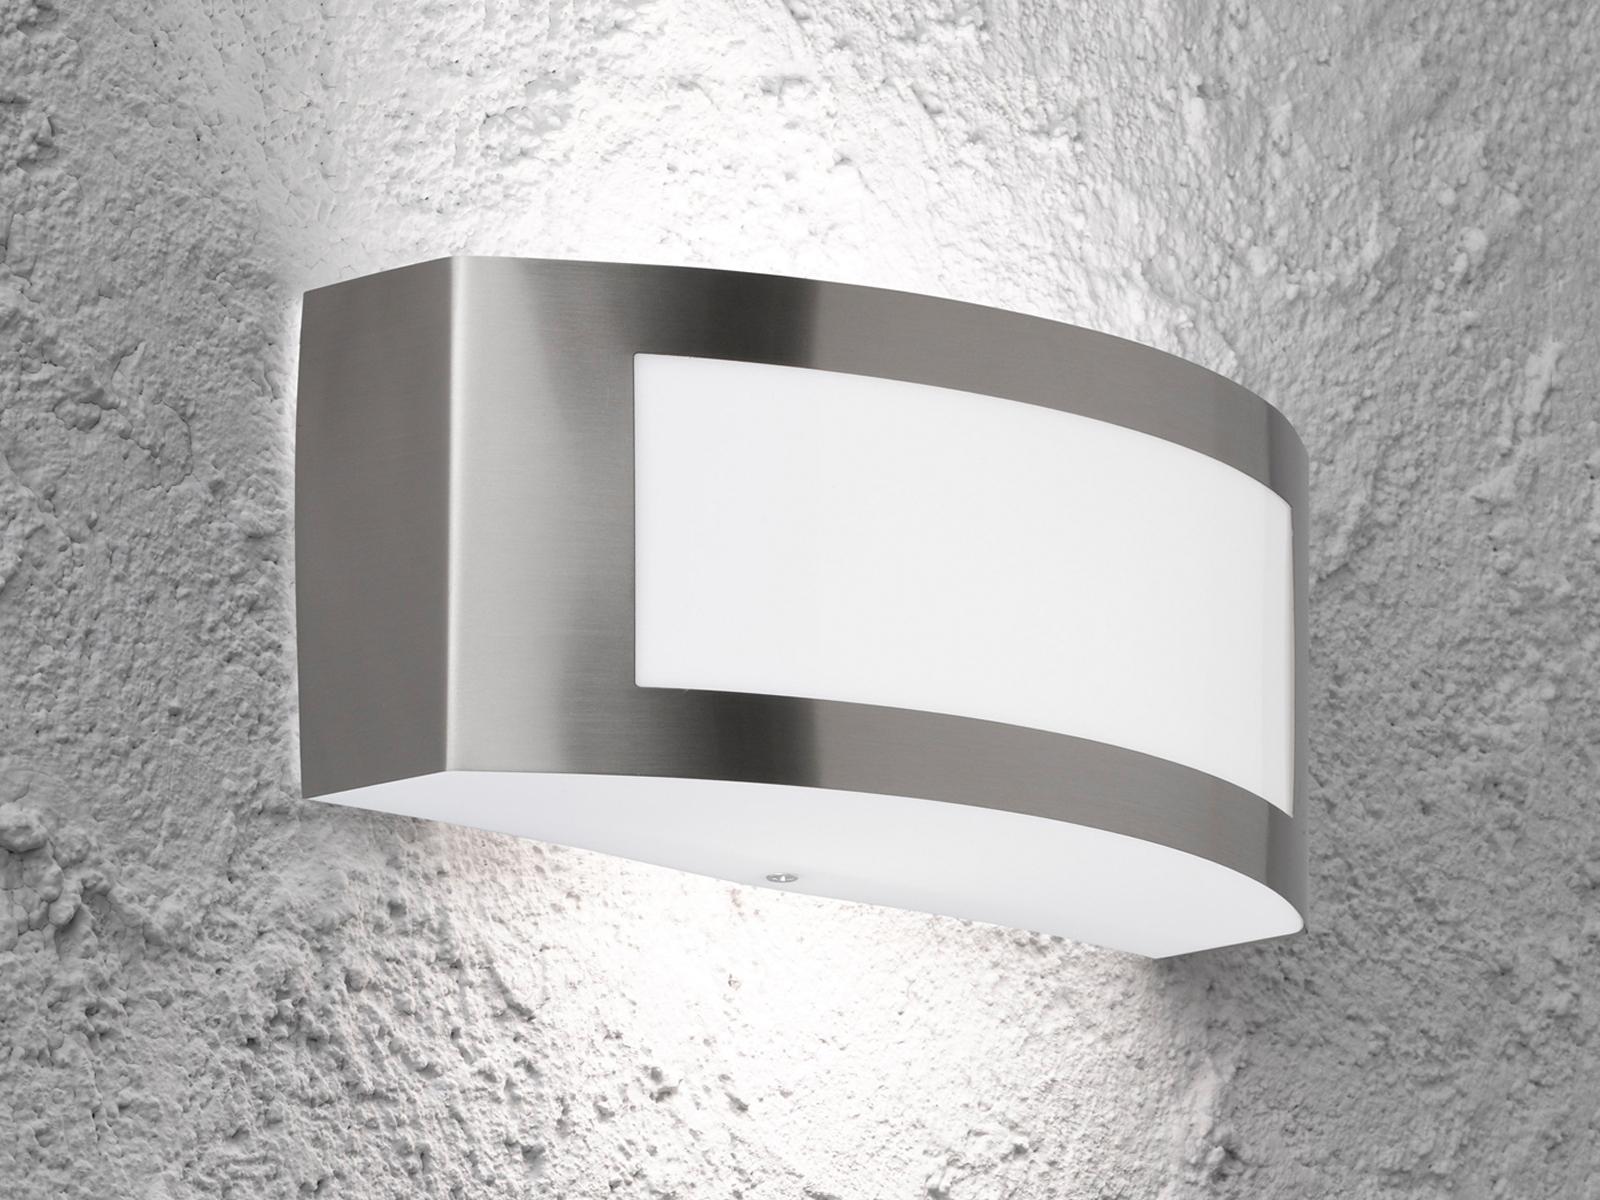 IN ACCIAIO INOX 25cm e27 Lampada esterno//Lampada Muro B illuminazione di facciata continua GIARDINO CASA